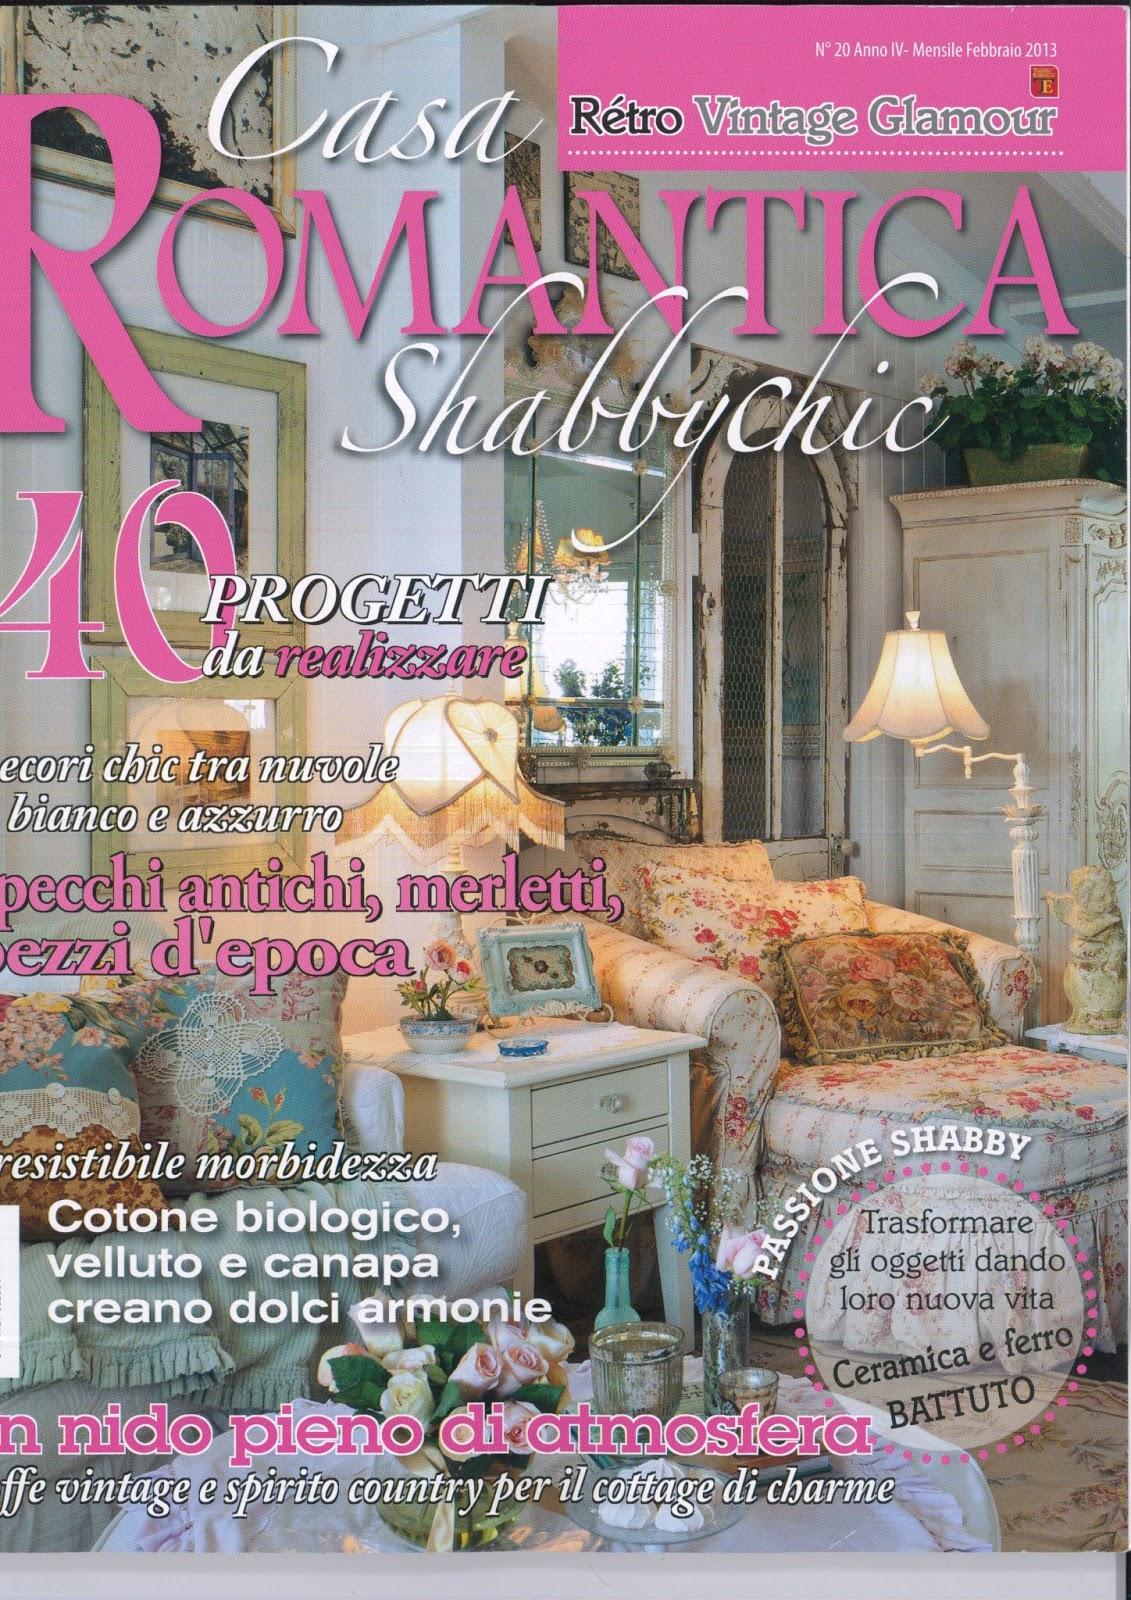 shabbychiclife: La mia casa è su Casa Romantica, vuoi fare un tour?